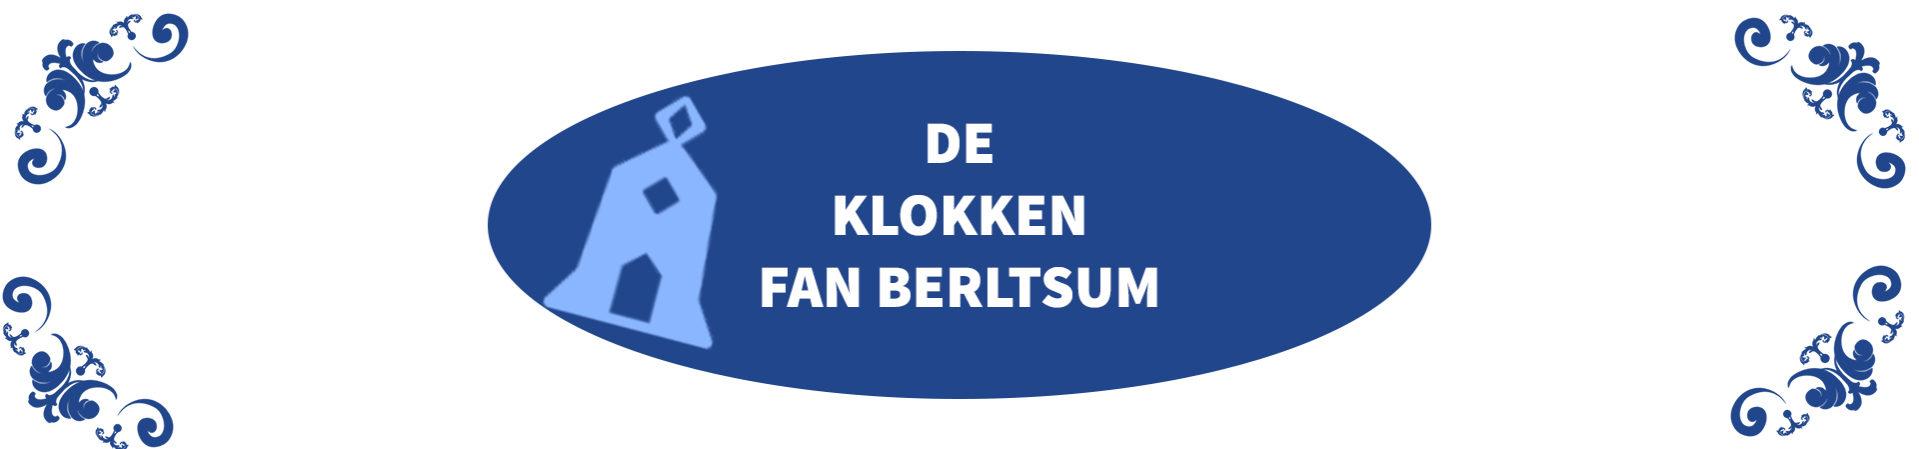 ticketpoint_klokken_van_berltsum